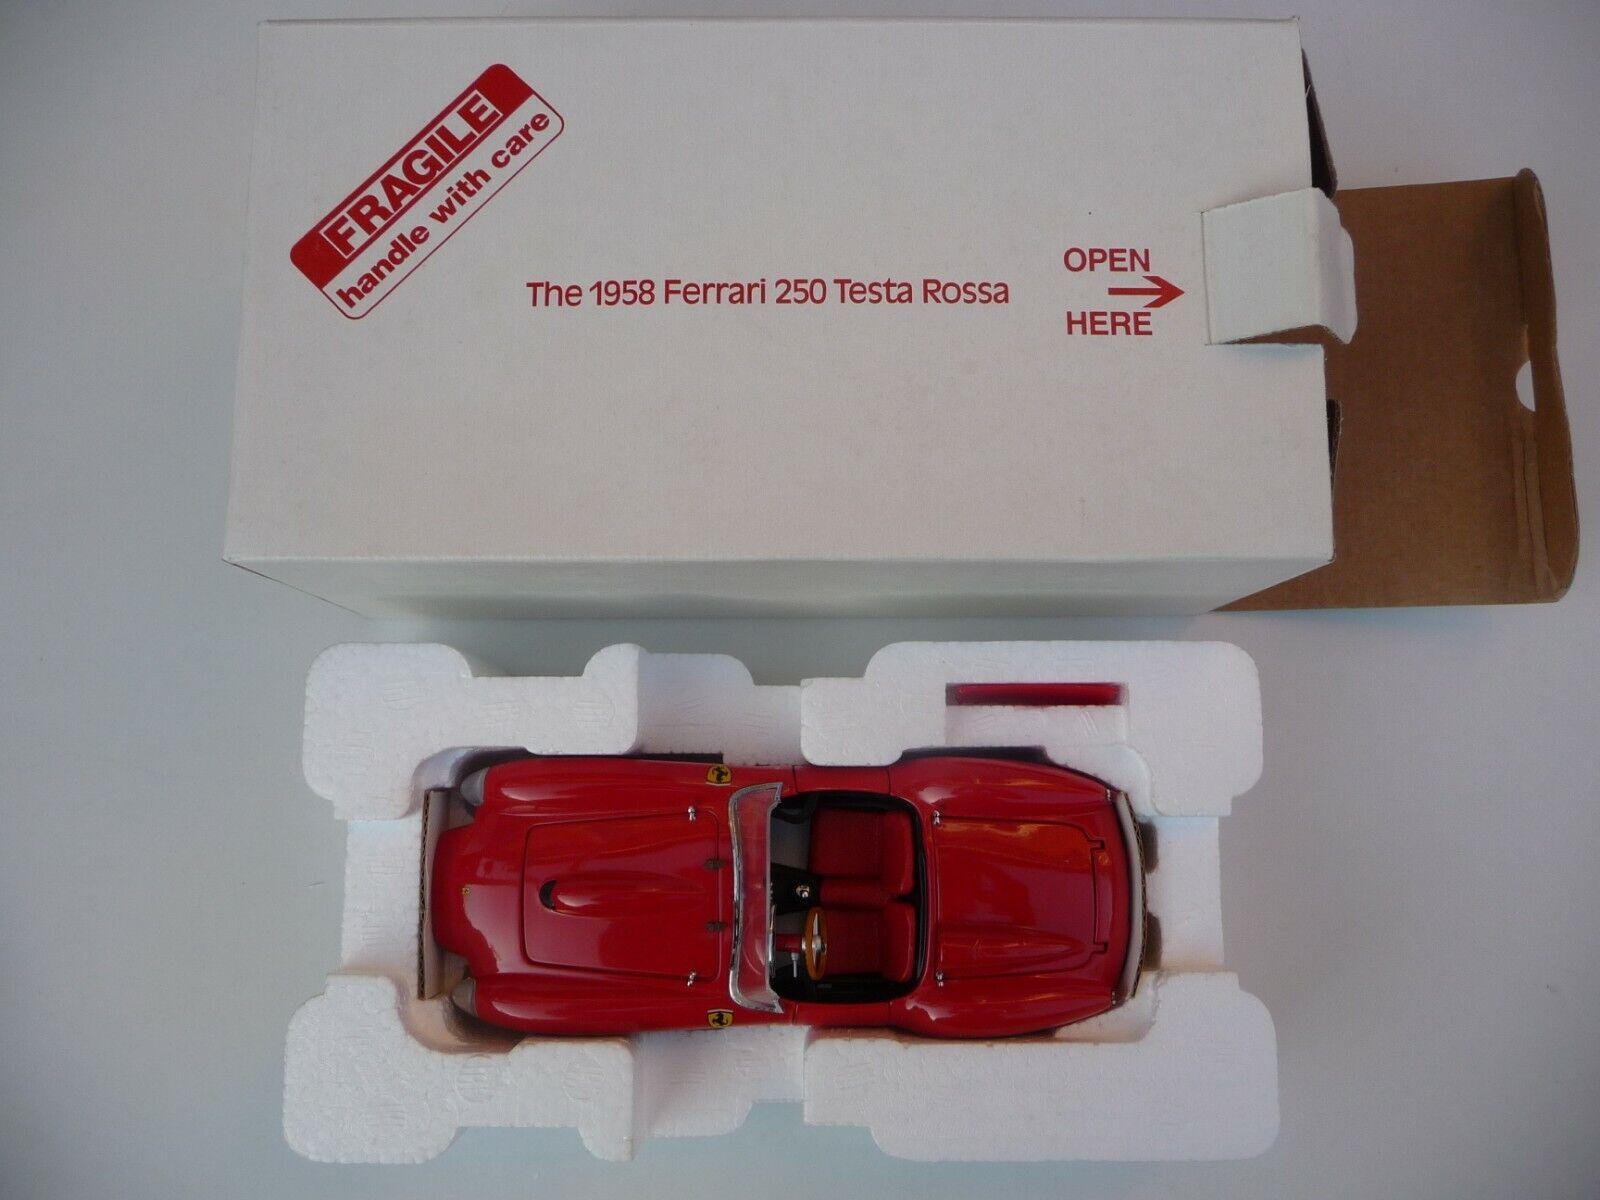 Danbury Mint 1958 Ferrari 250 Testa Rossa in Red 1 24 Scale.